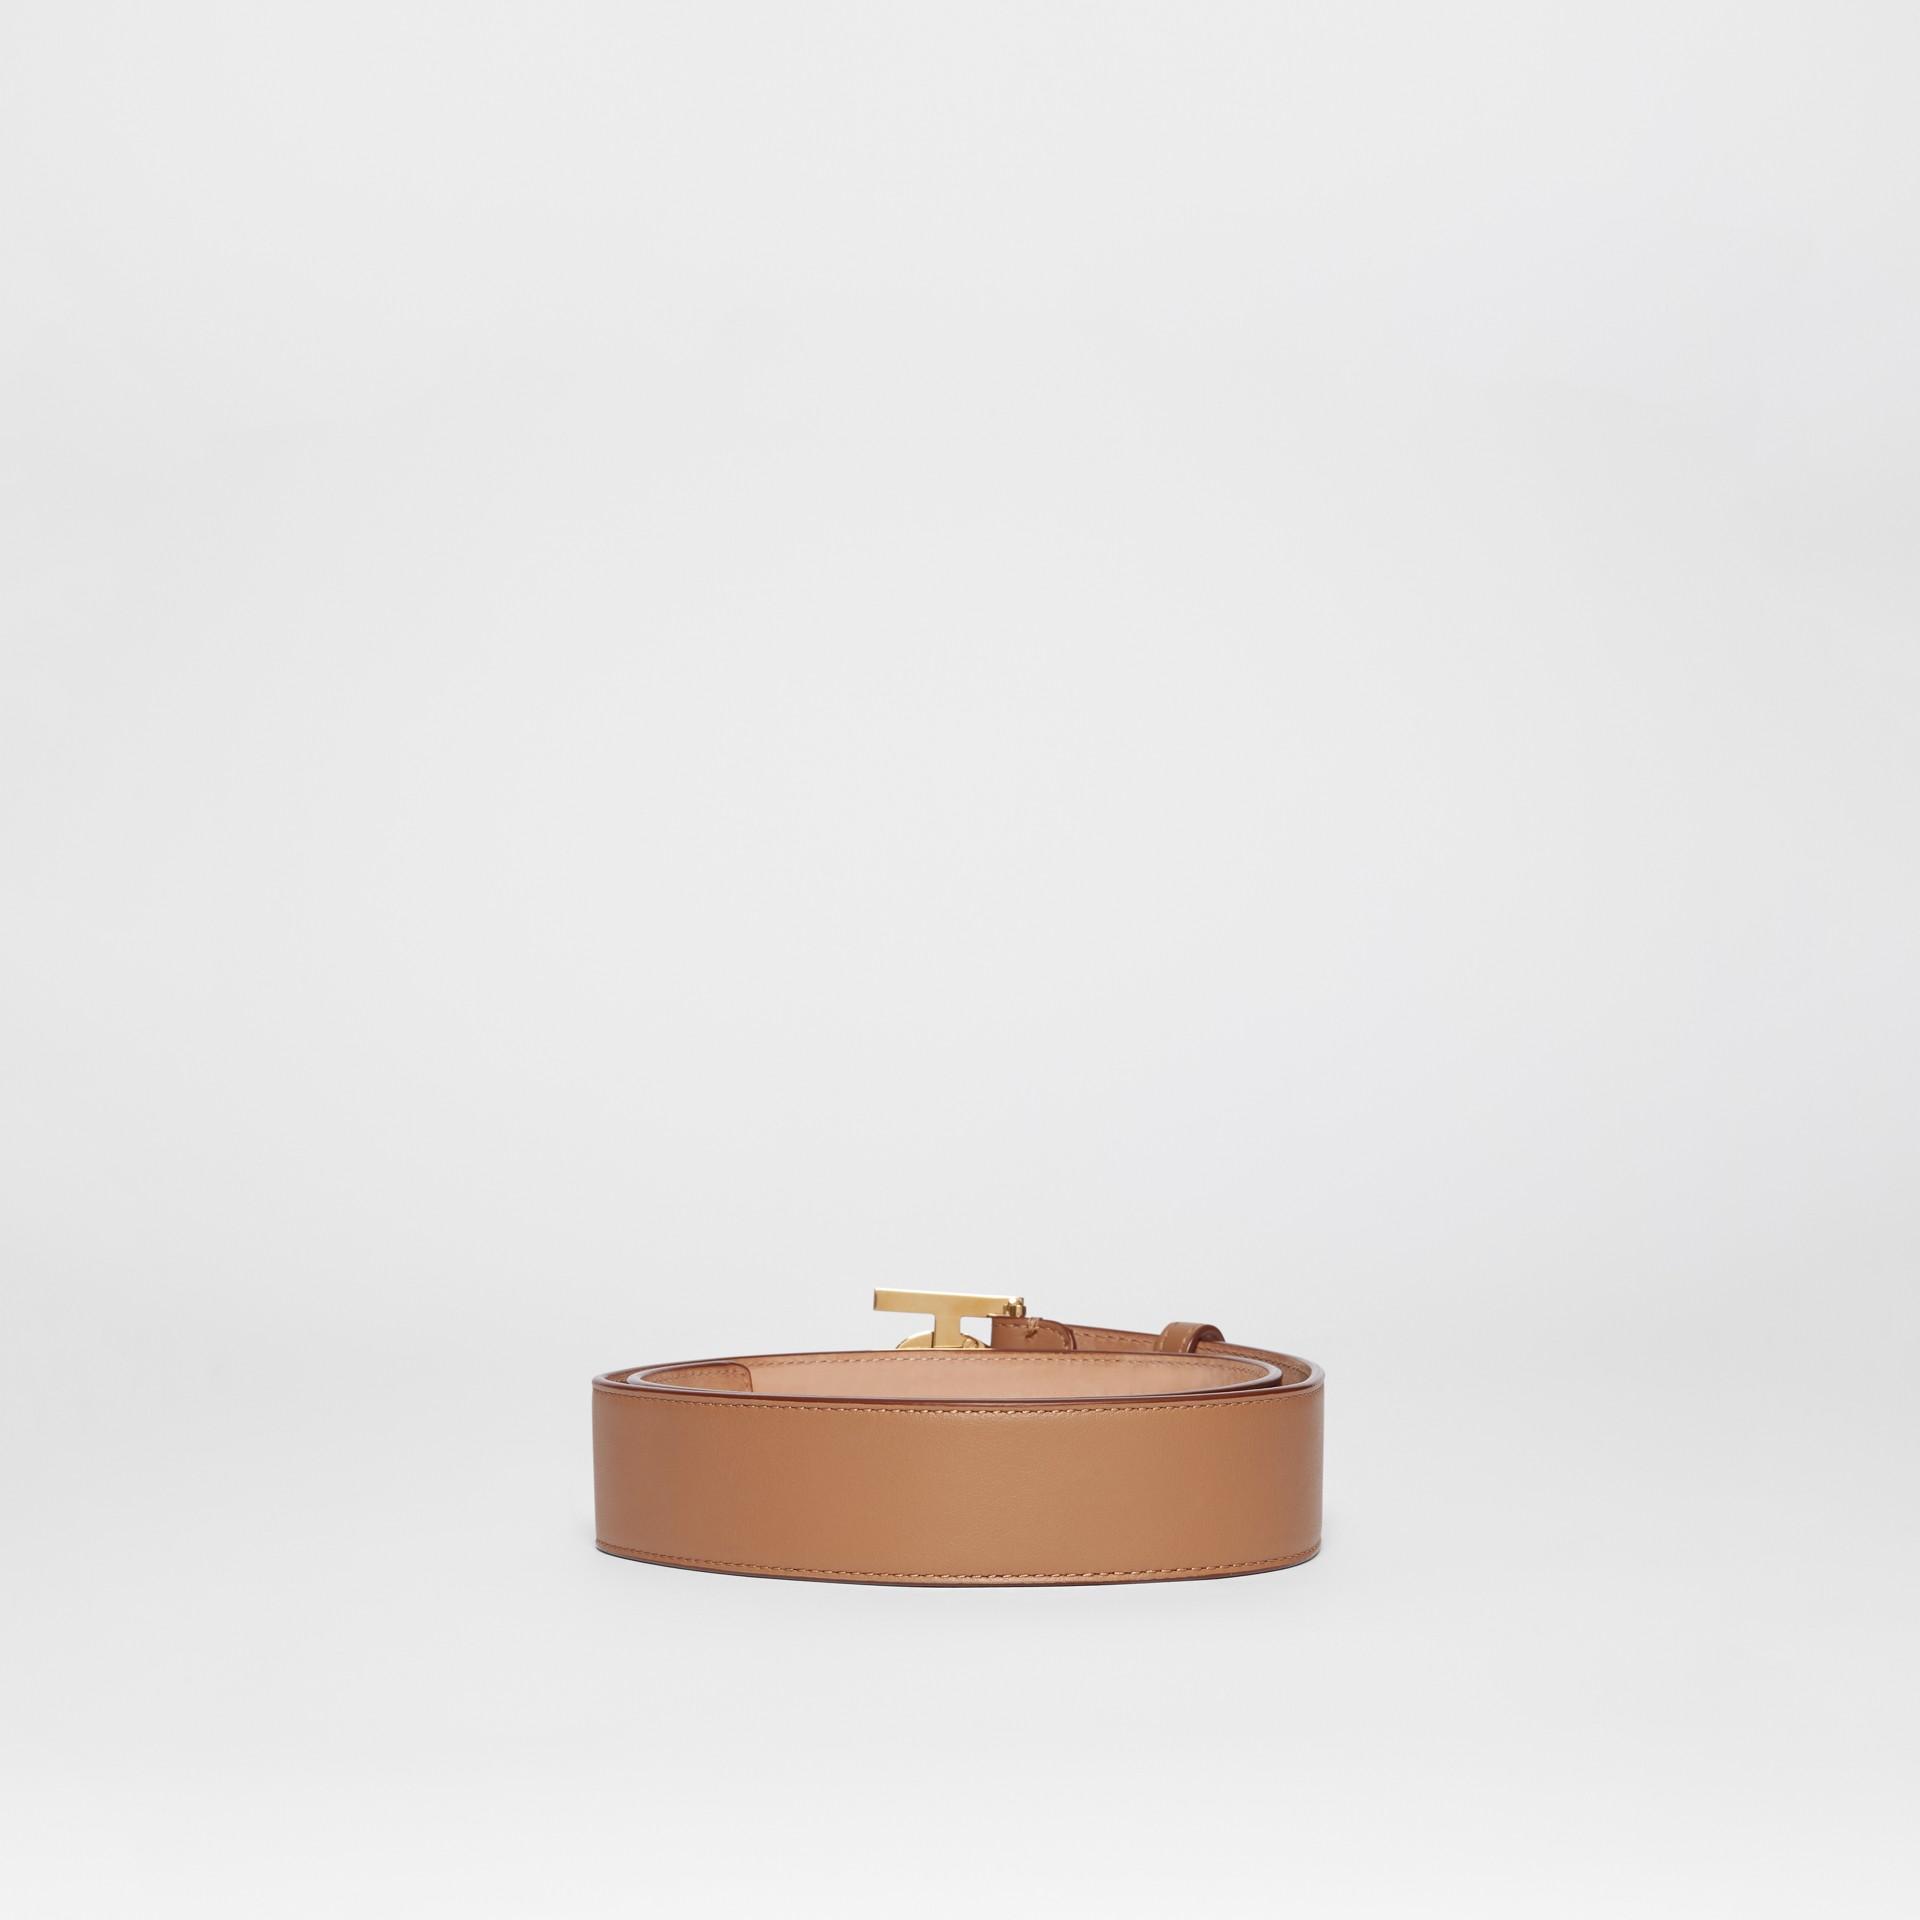 Ceinture en cuir Monogram (Camel Clair) - Femme | Burberry - photo de la galerie 3